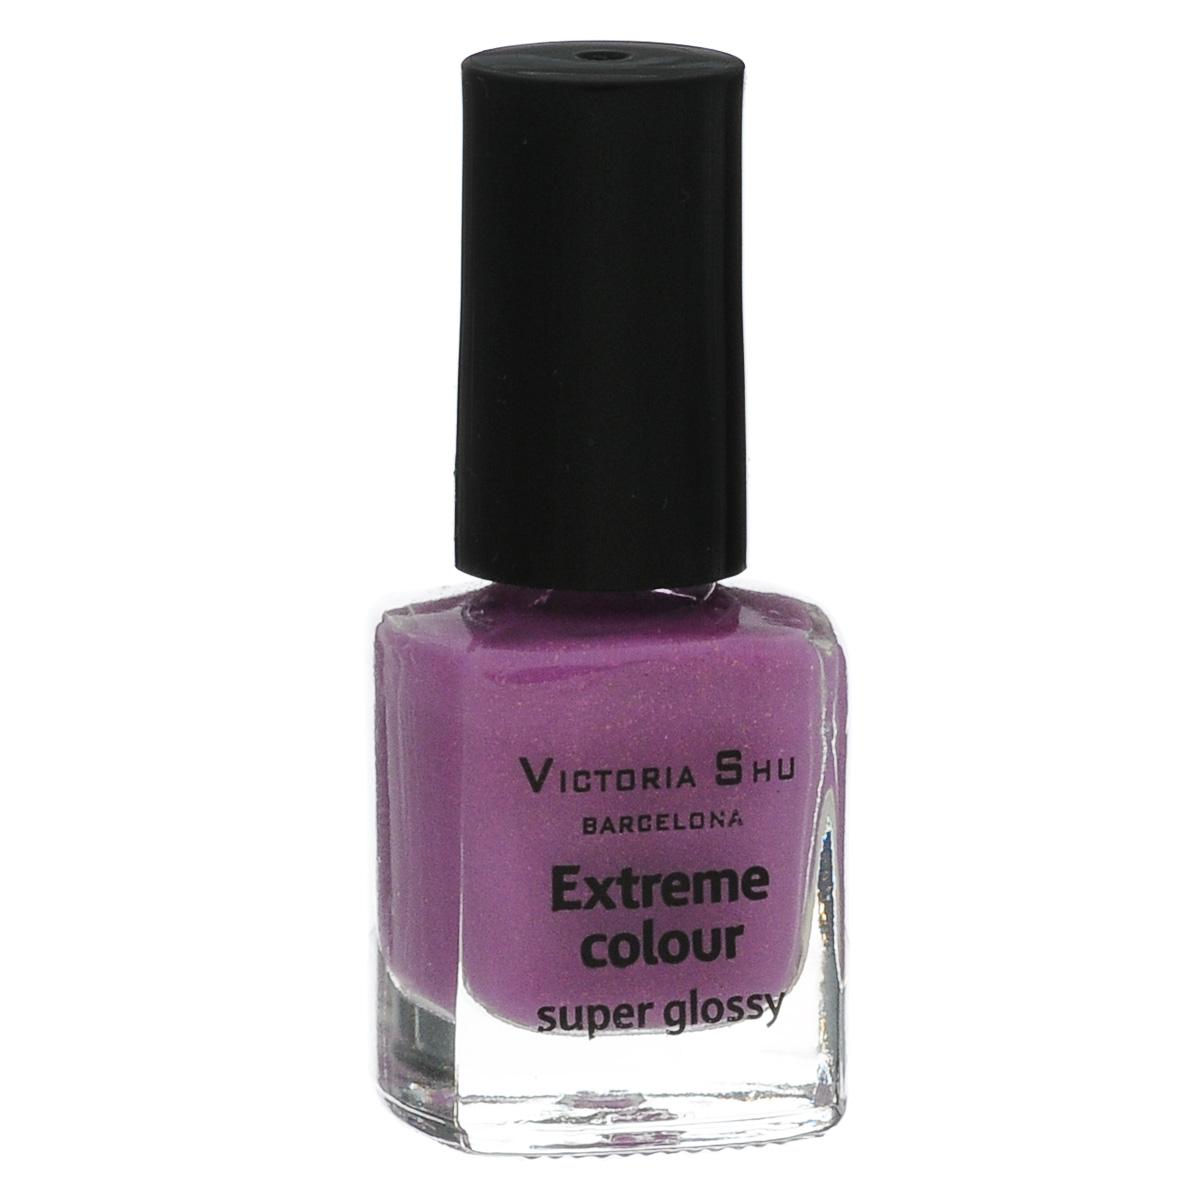 Victoria Shu Лак для ногтей Extreme Colour, тон № 259, 6 мл776V15356EXTREME COLOUR от VICTORIA SHU – это 35 ярких, смелых, соблазнительных оттенков. Модный тренд – матовая, насыщенная текстура. Любые цвета – на любой вкус, от нежных пастельных, интенсивных супермодных оранжевых, лиловых и оттенков фуксии до сенсационных красного и черного.